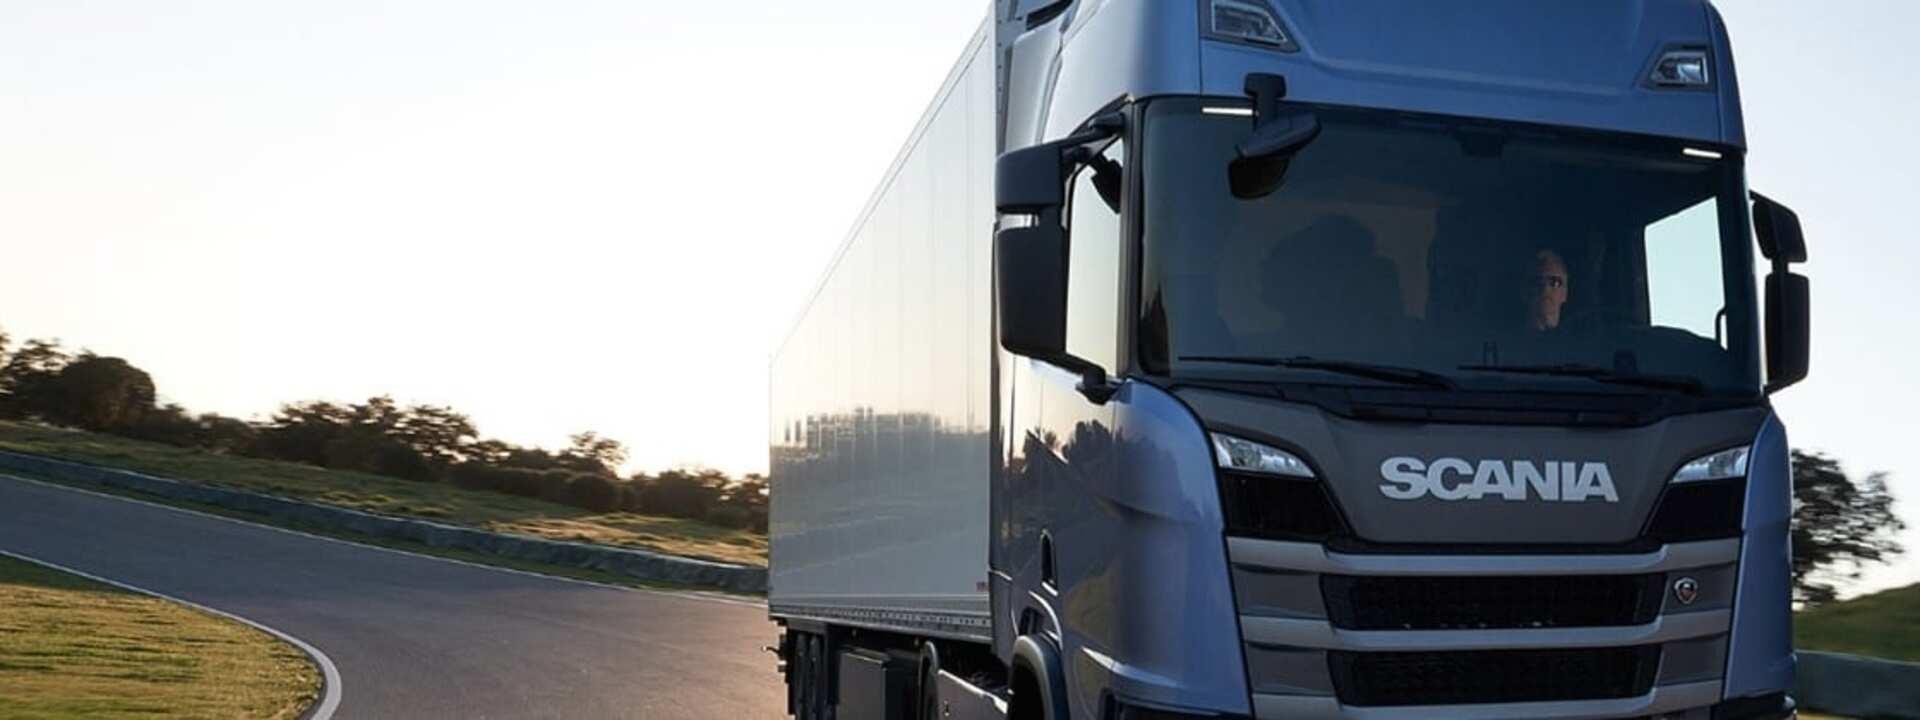 Caminhão - energia solar - Scania